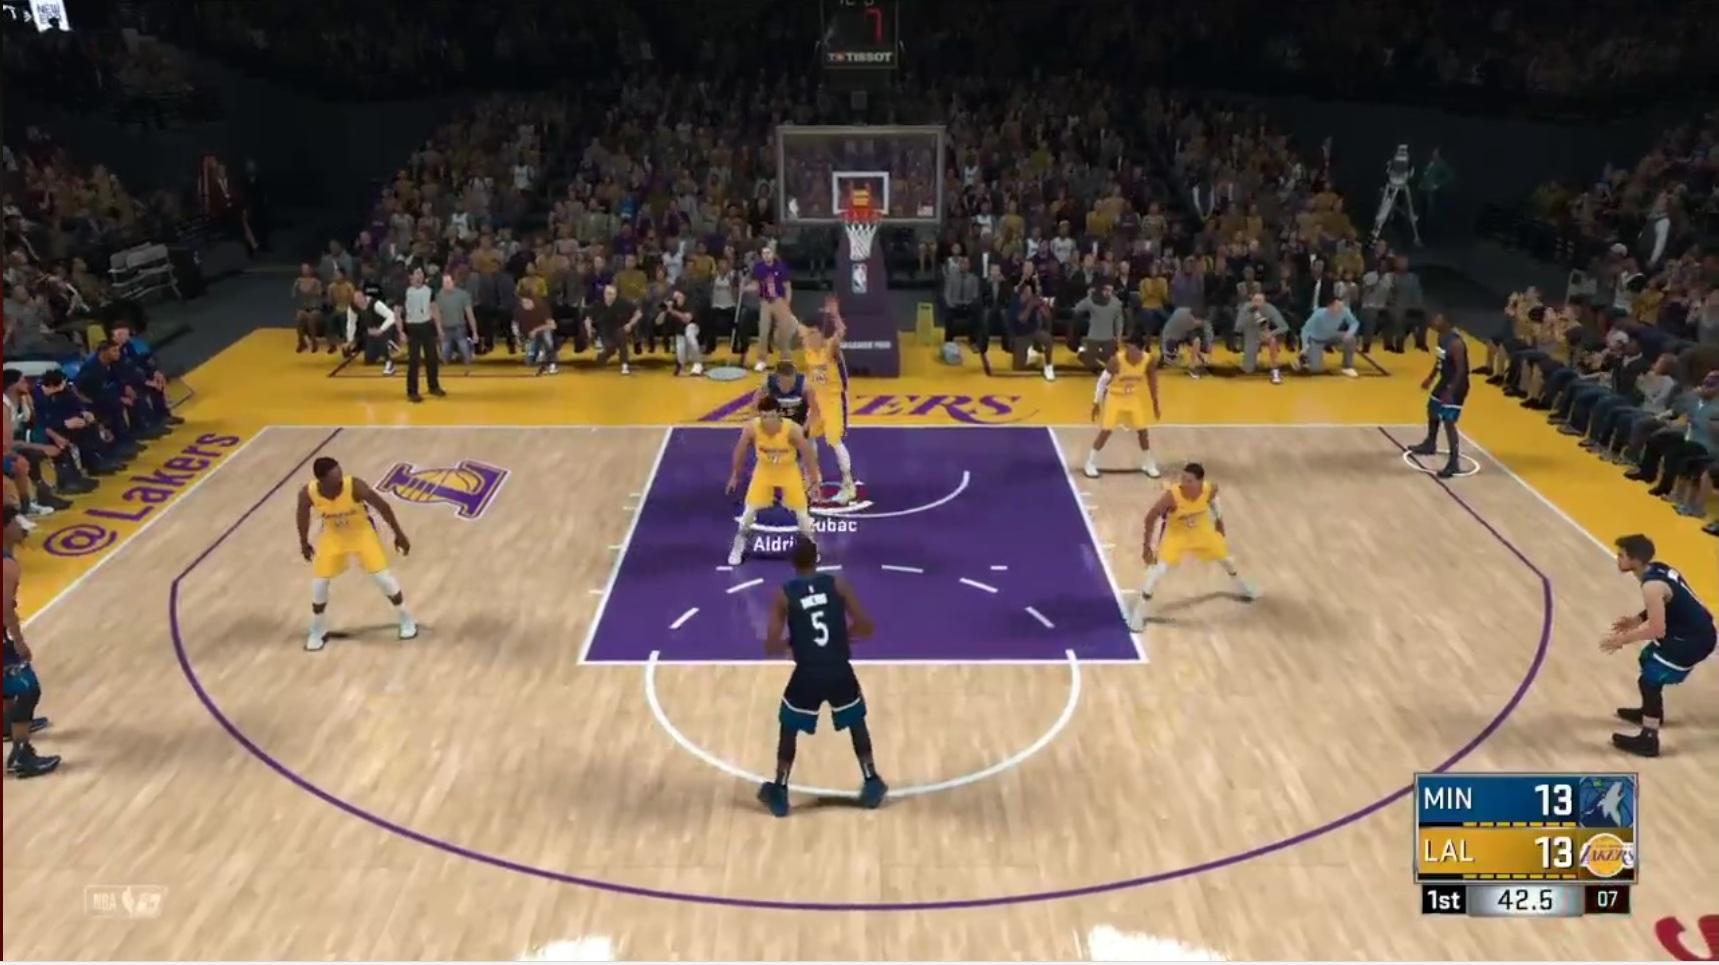 Screenshot: Ein Basketballspiel ist in vollem Gange